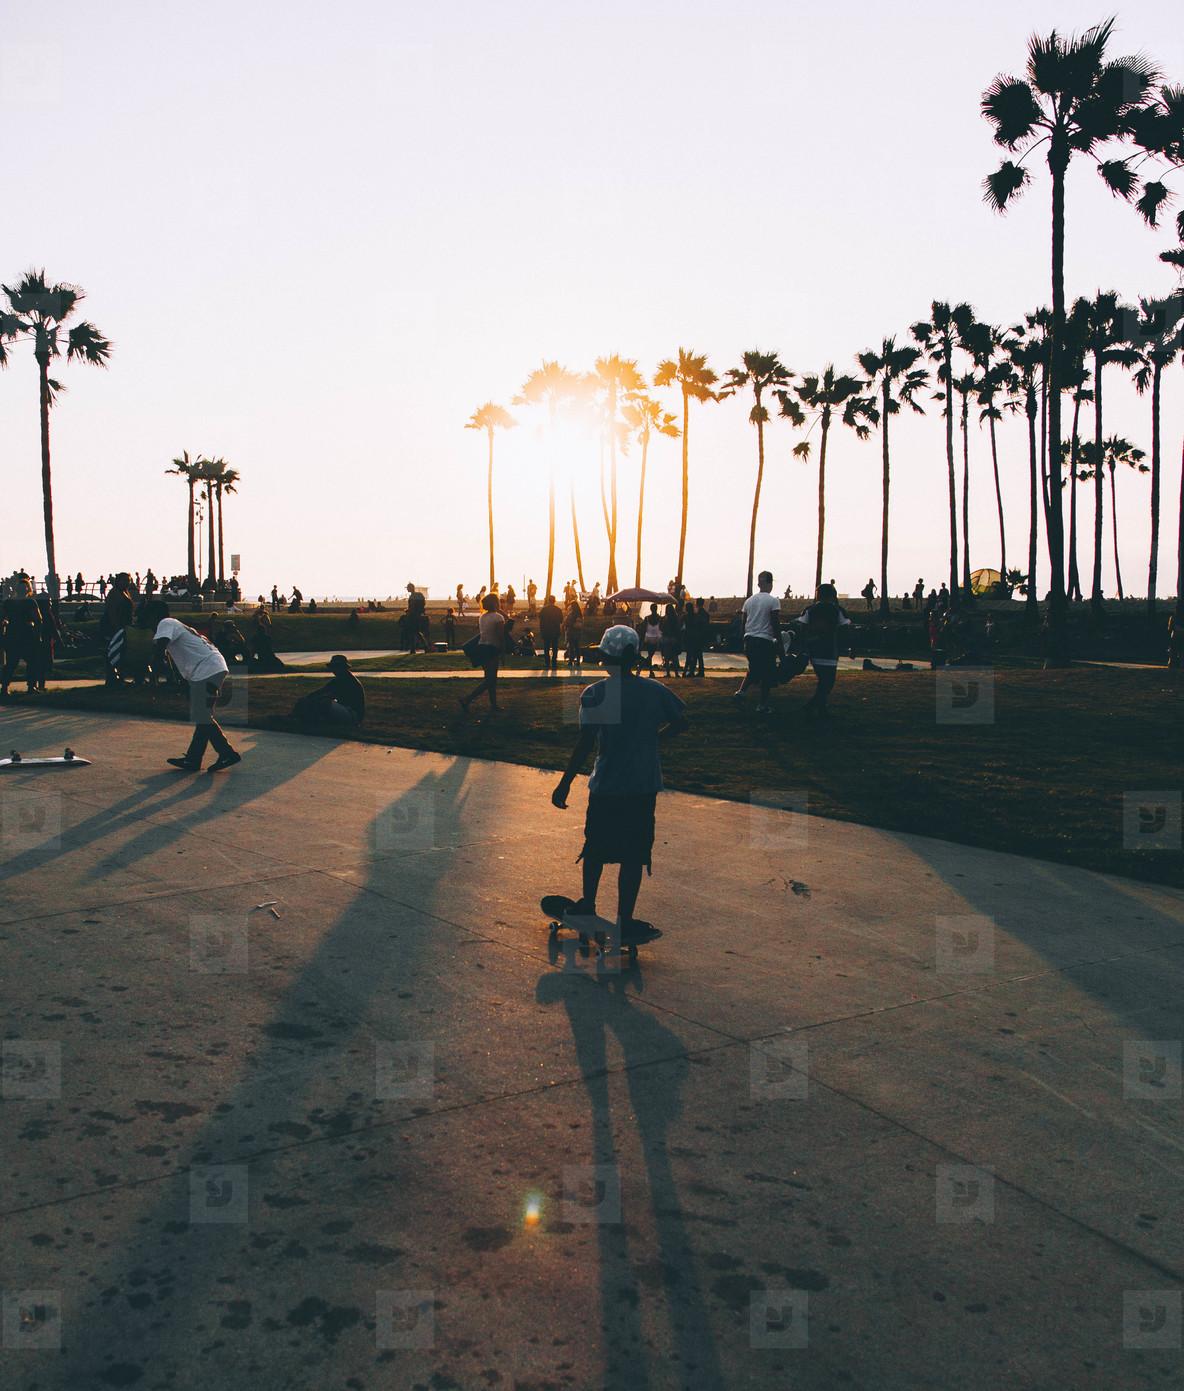 Skateboard in California